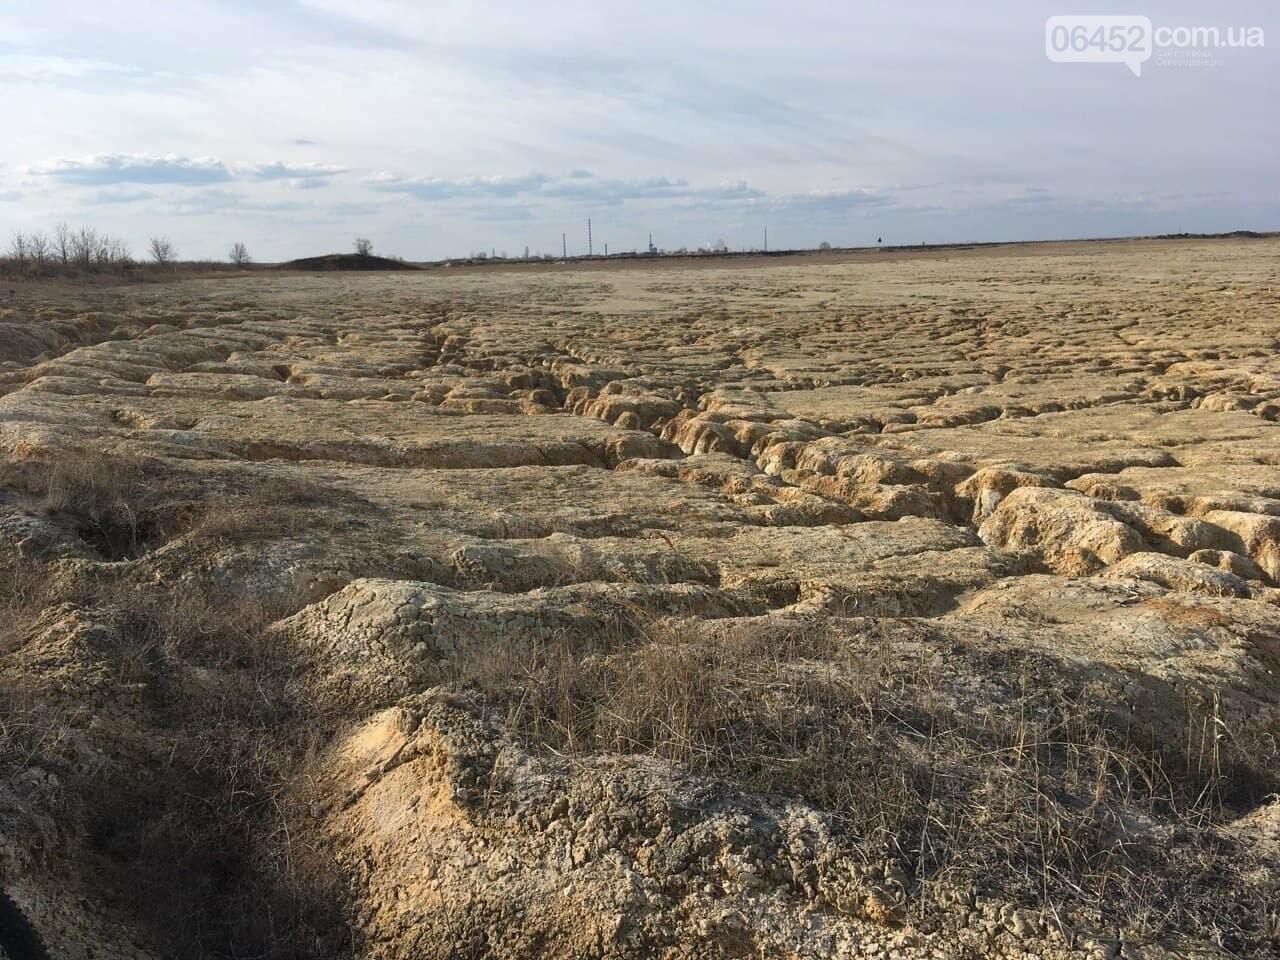 Пустынный оазис: содовый завод на Донбассе способен удивить невероятной природой, фото-2